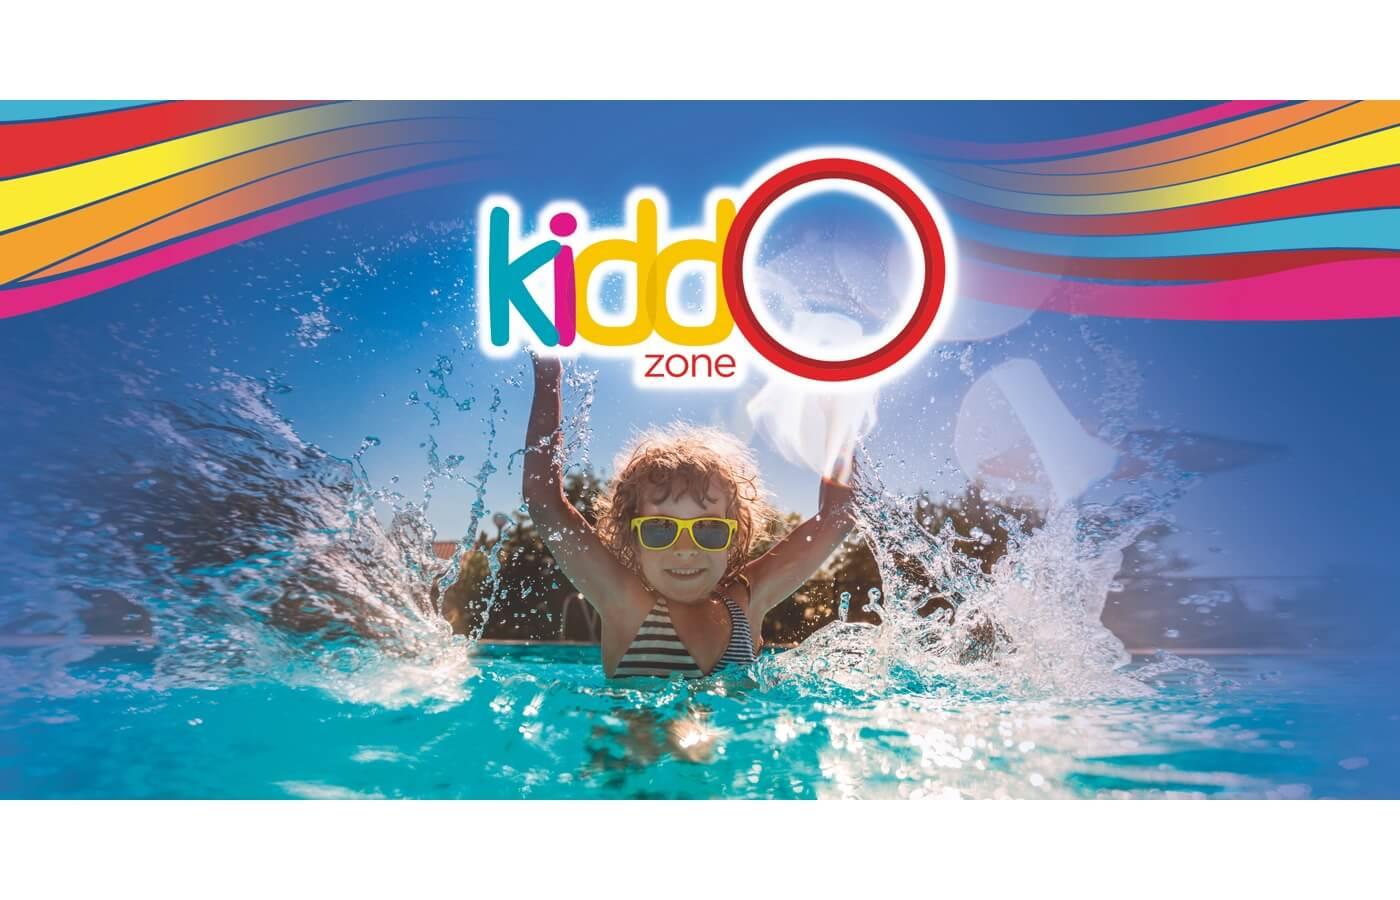 Área de albercas con juegos de KiddoZone en Hotel Oasis Tulum Lite